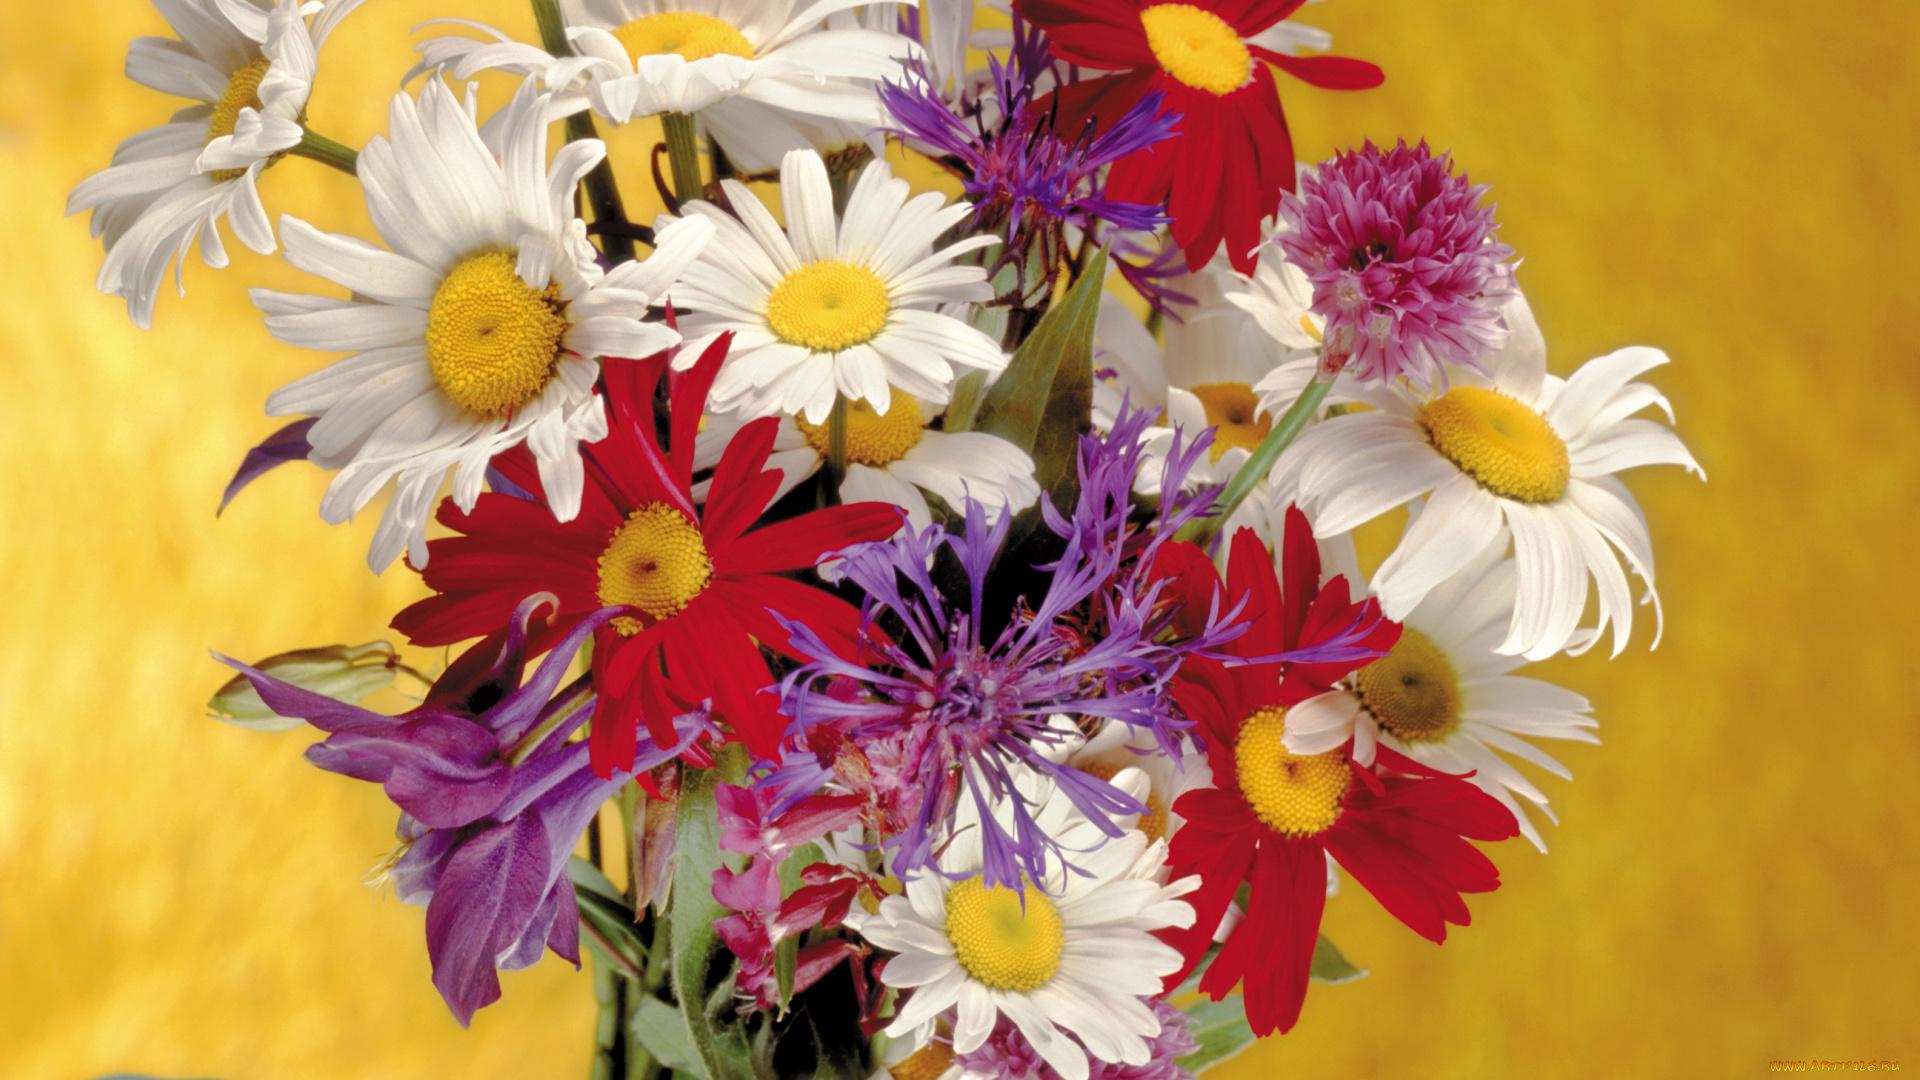 Красивая картинка с полевыми цветами